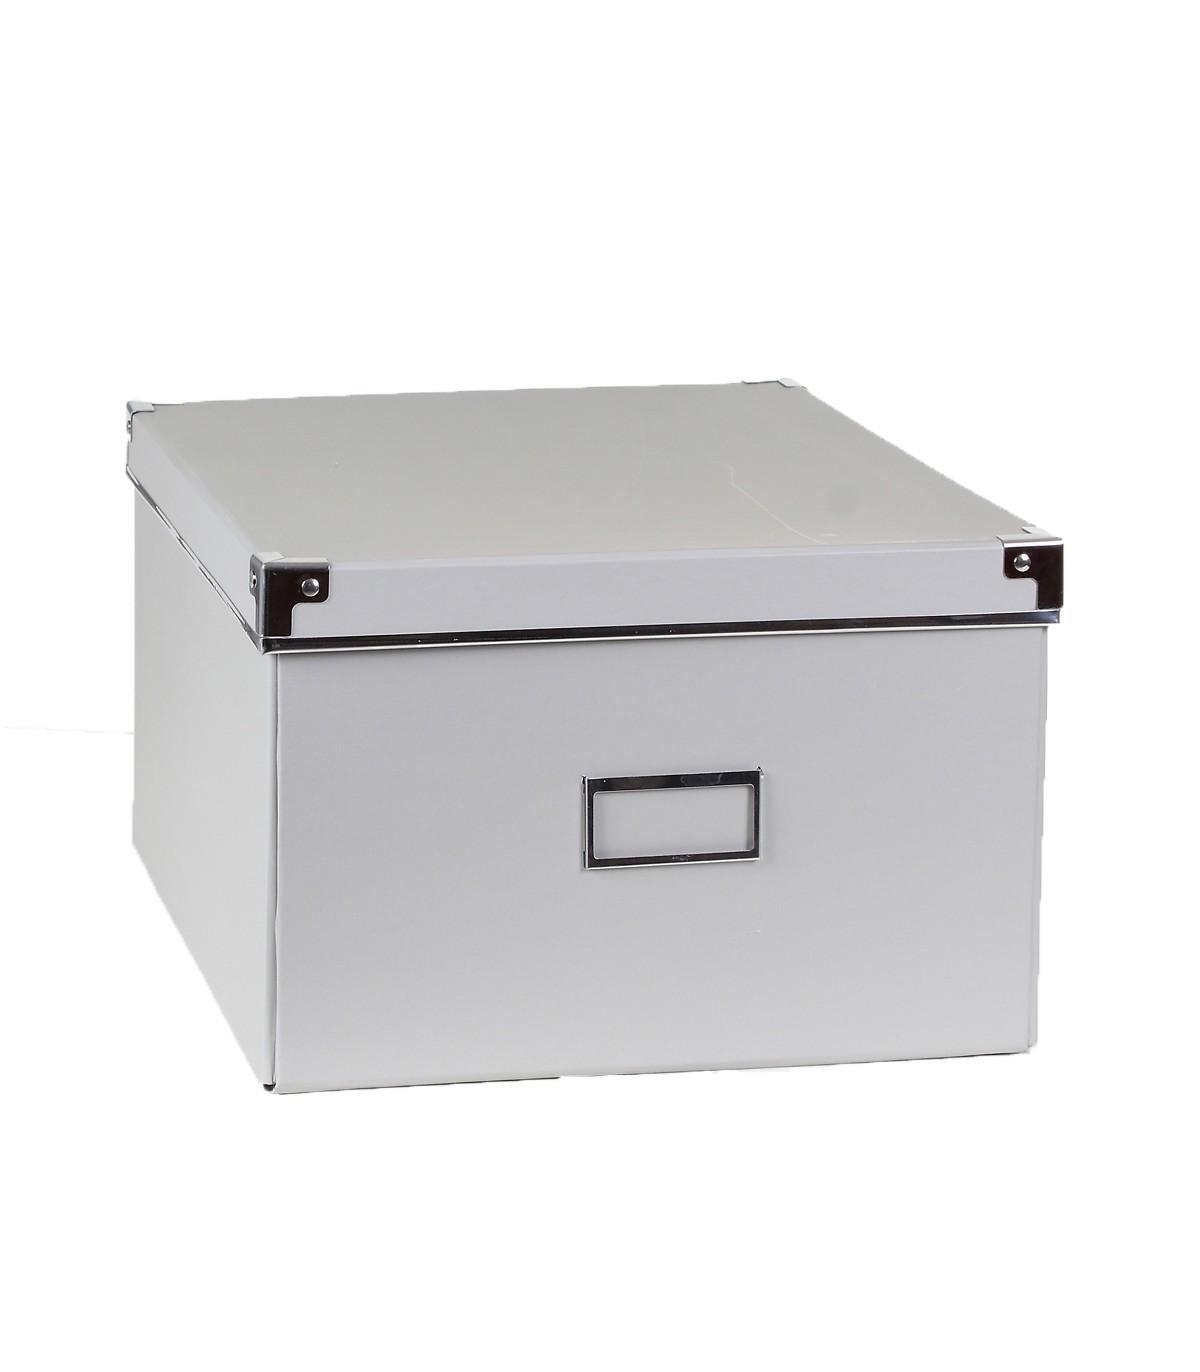 Boîte de rangement grise avec porte étiquette - 35 x 28 x H18cm